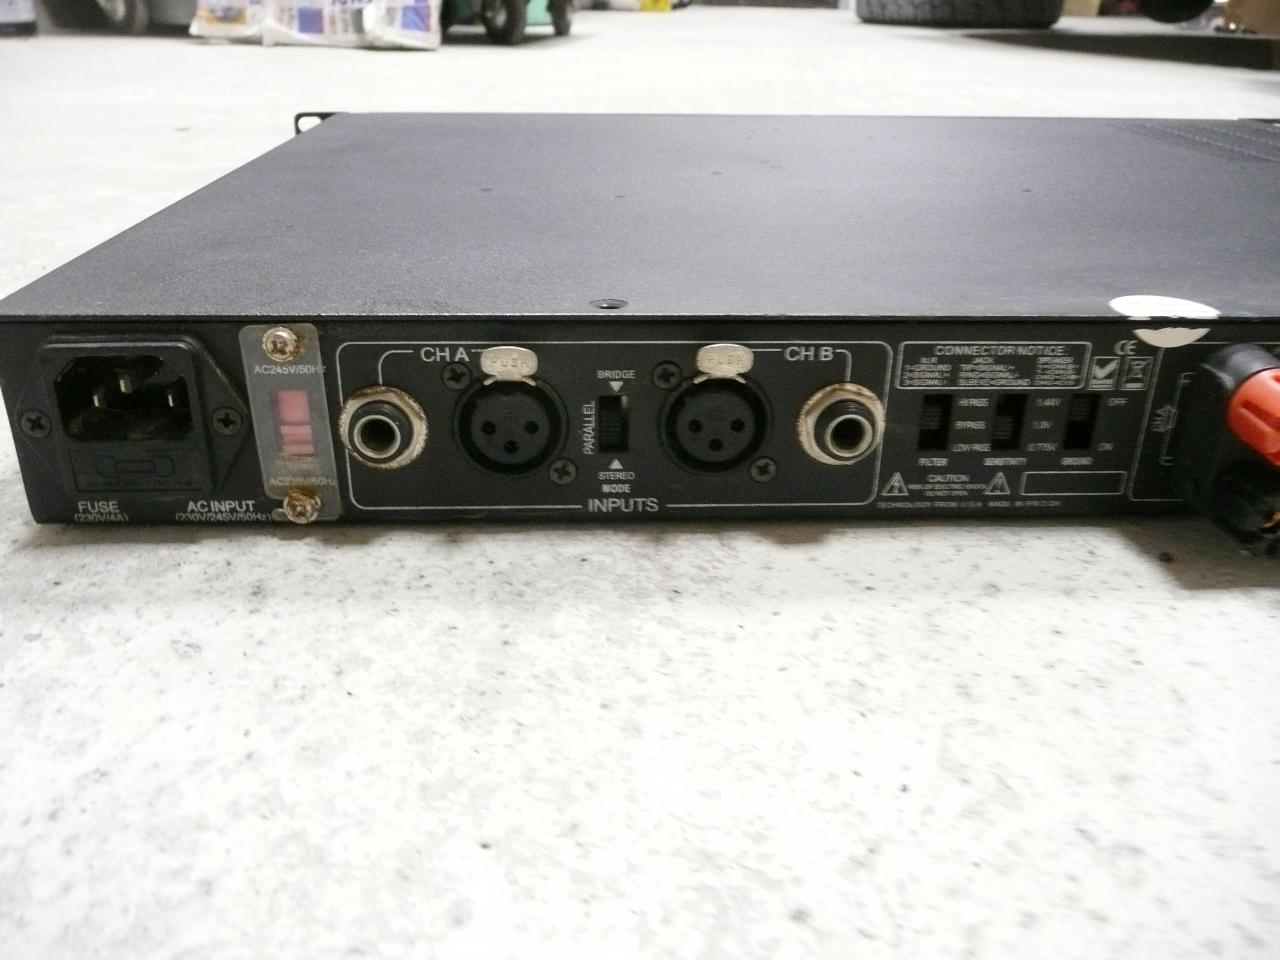 american audio vlp300 image 1094272 audiofanzine rh en audiofanzine com American Audio CD Players American Audio Mixer